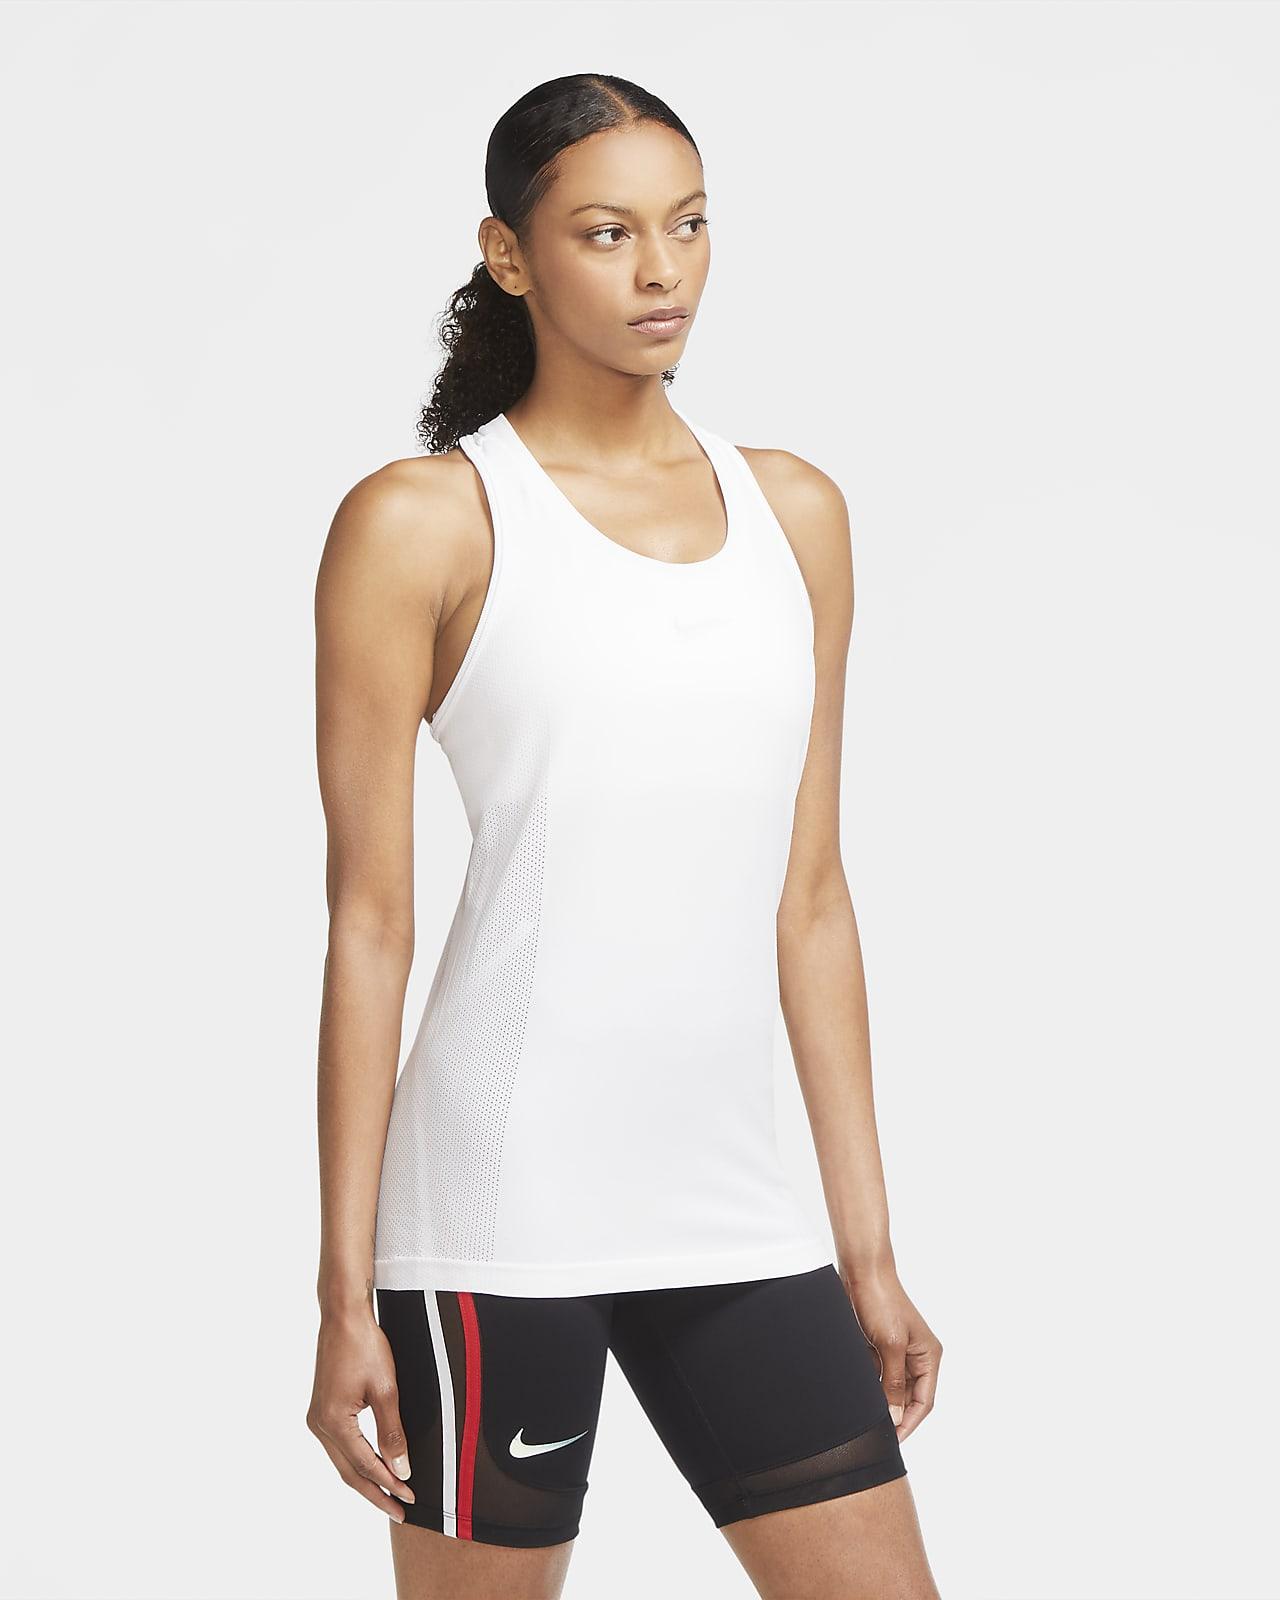 Nike Infinite Women's Running Tank